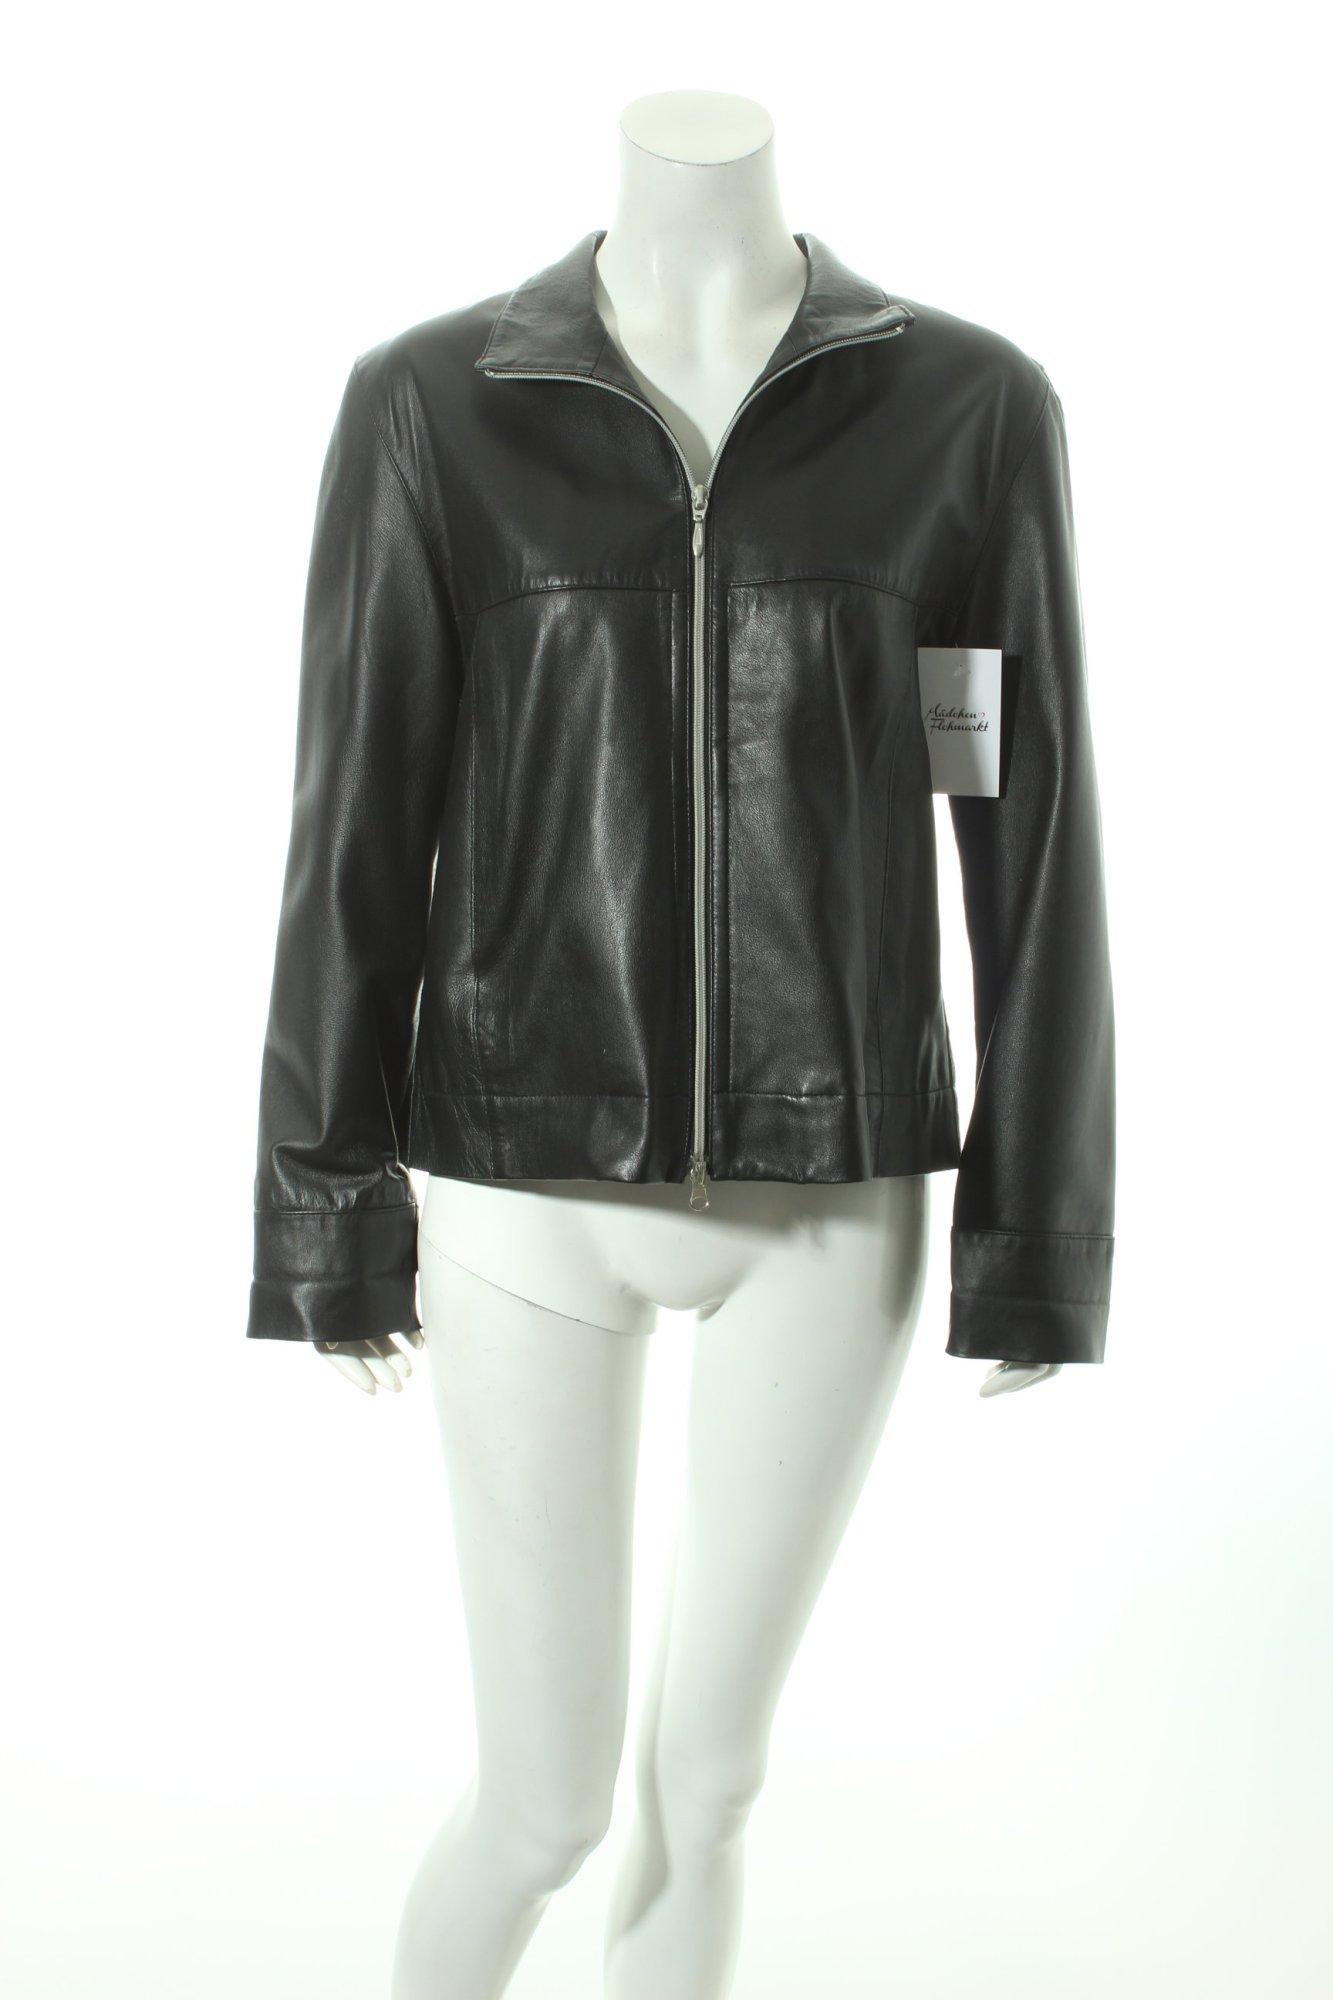 leder walter lederjacke schwarz biker look damen gr de 38 jacke jacket ebay. Black Bedroom Furniture Sets. Home Design Ideas